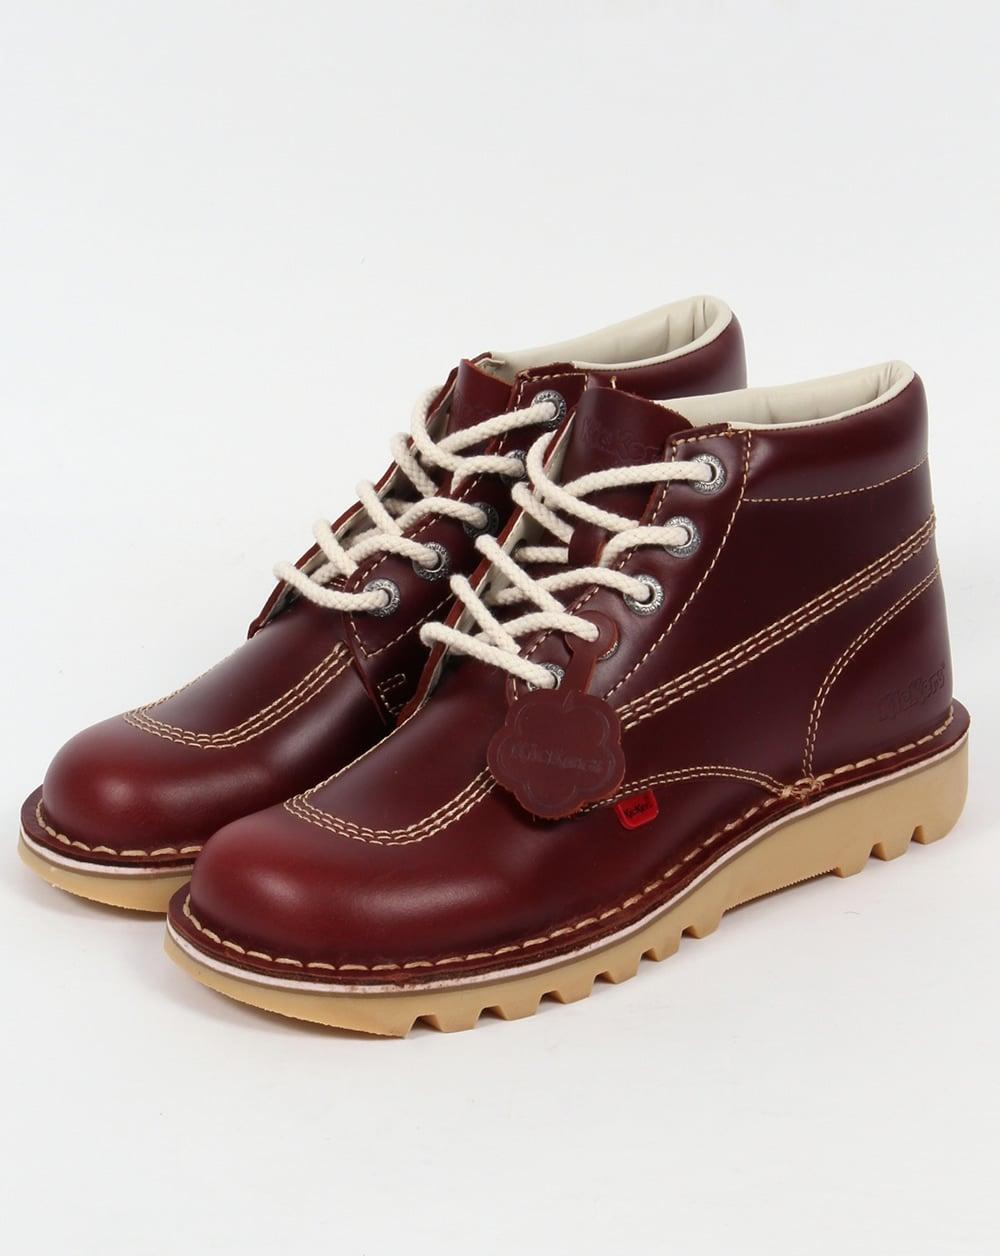 xmas kickers boots